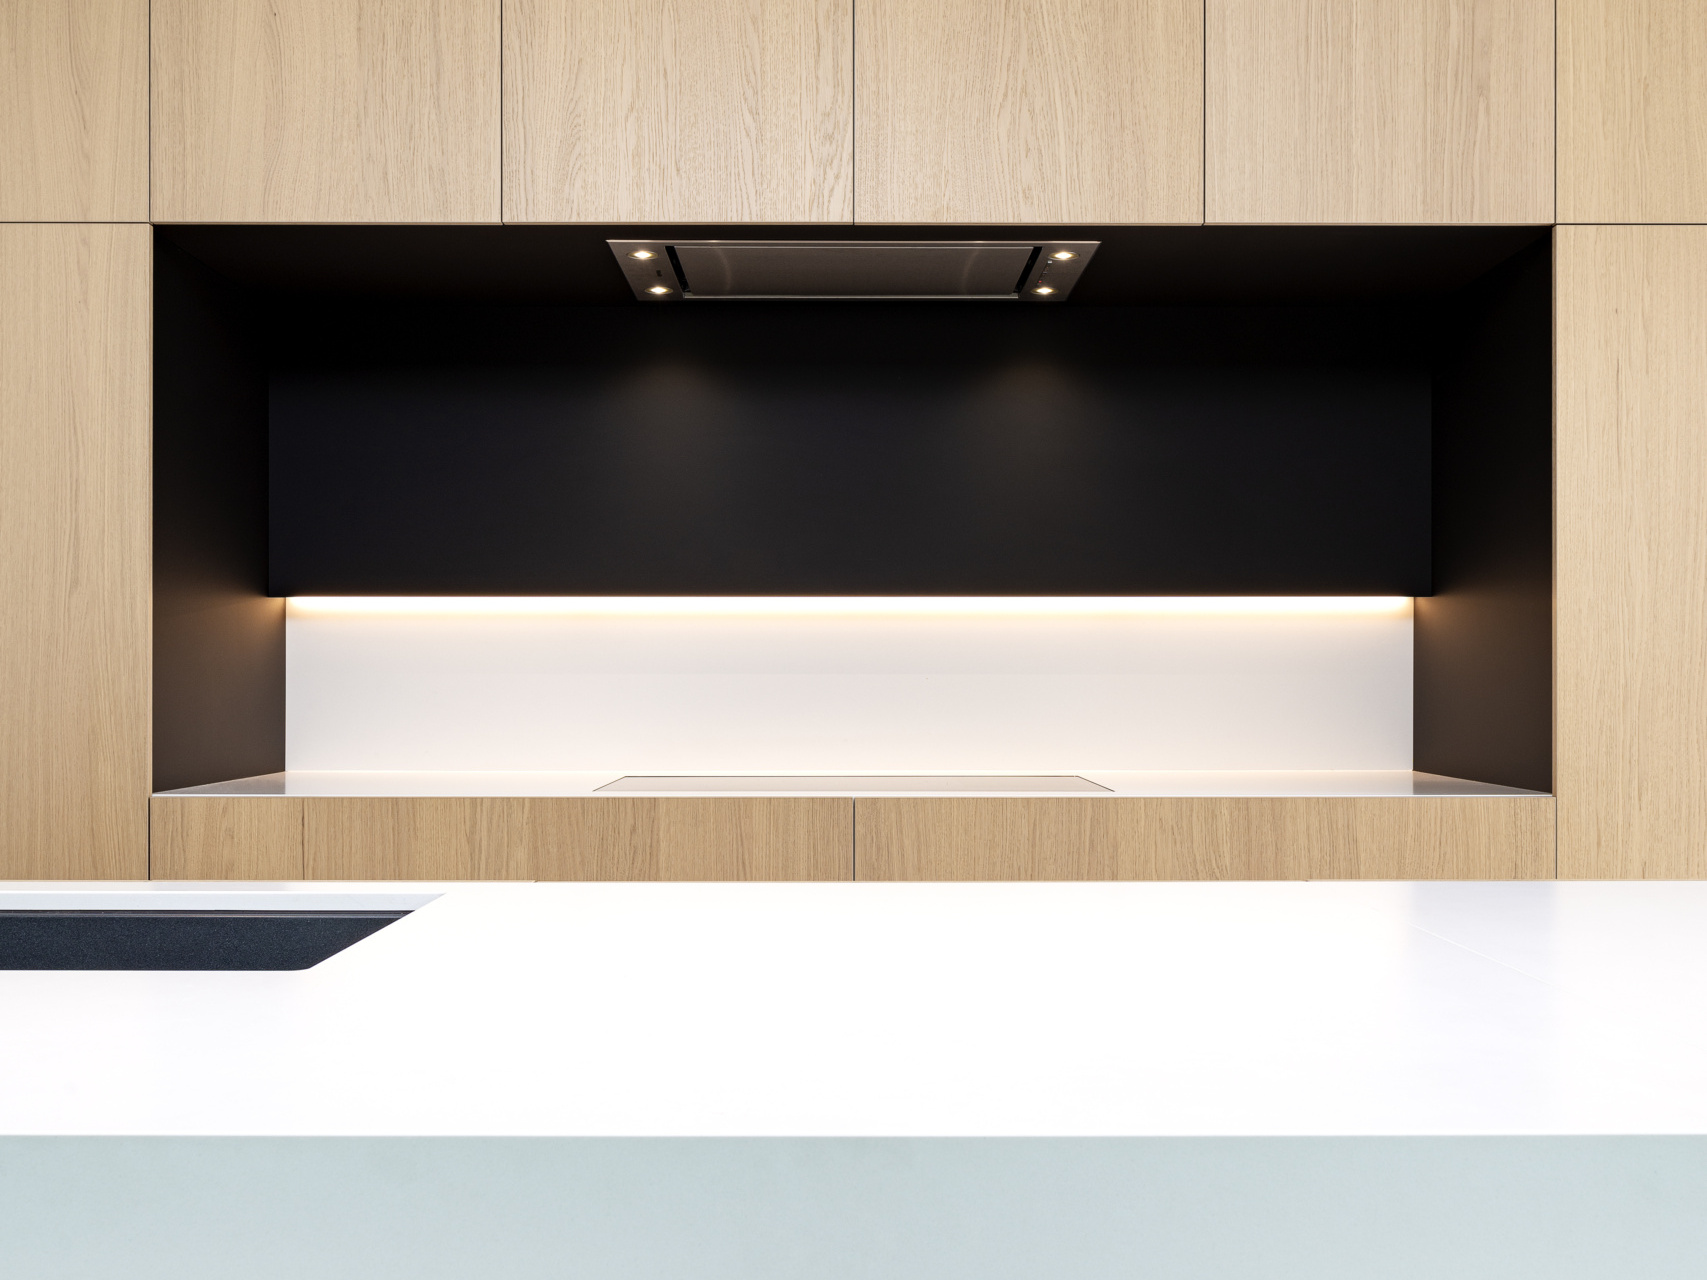 Keuken met eik fineer deuren witte en zwarte accenten inductievuur gelinkt aan dampkap